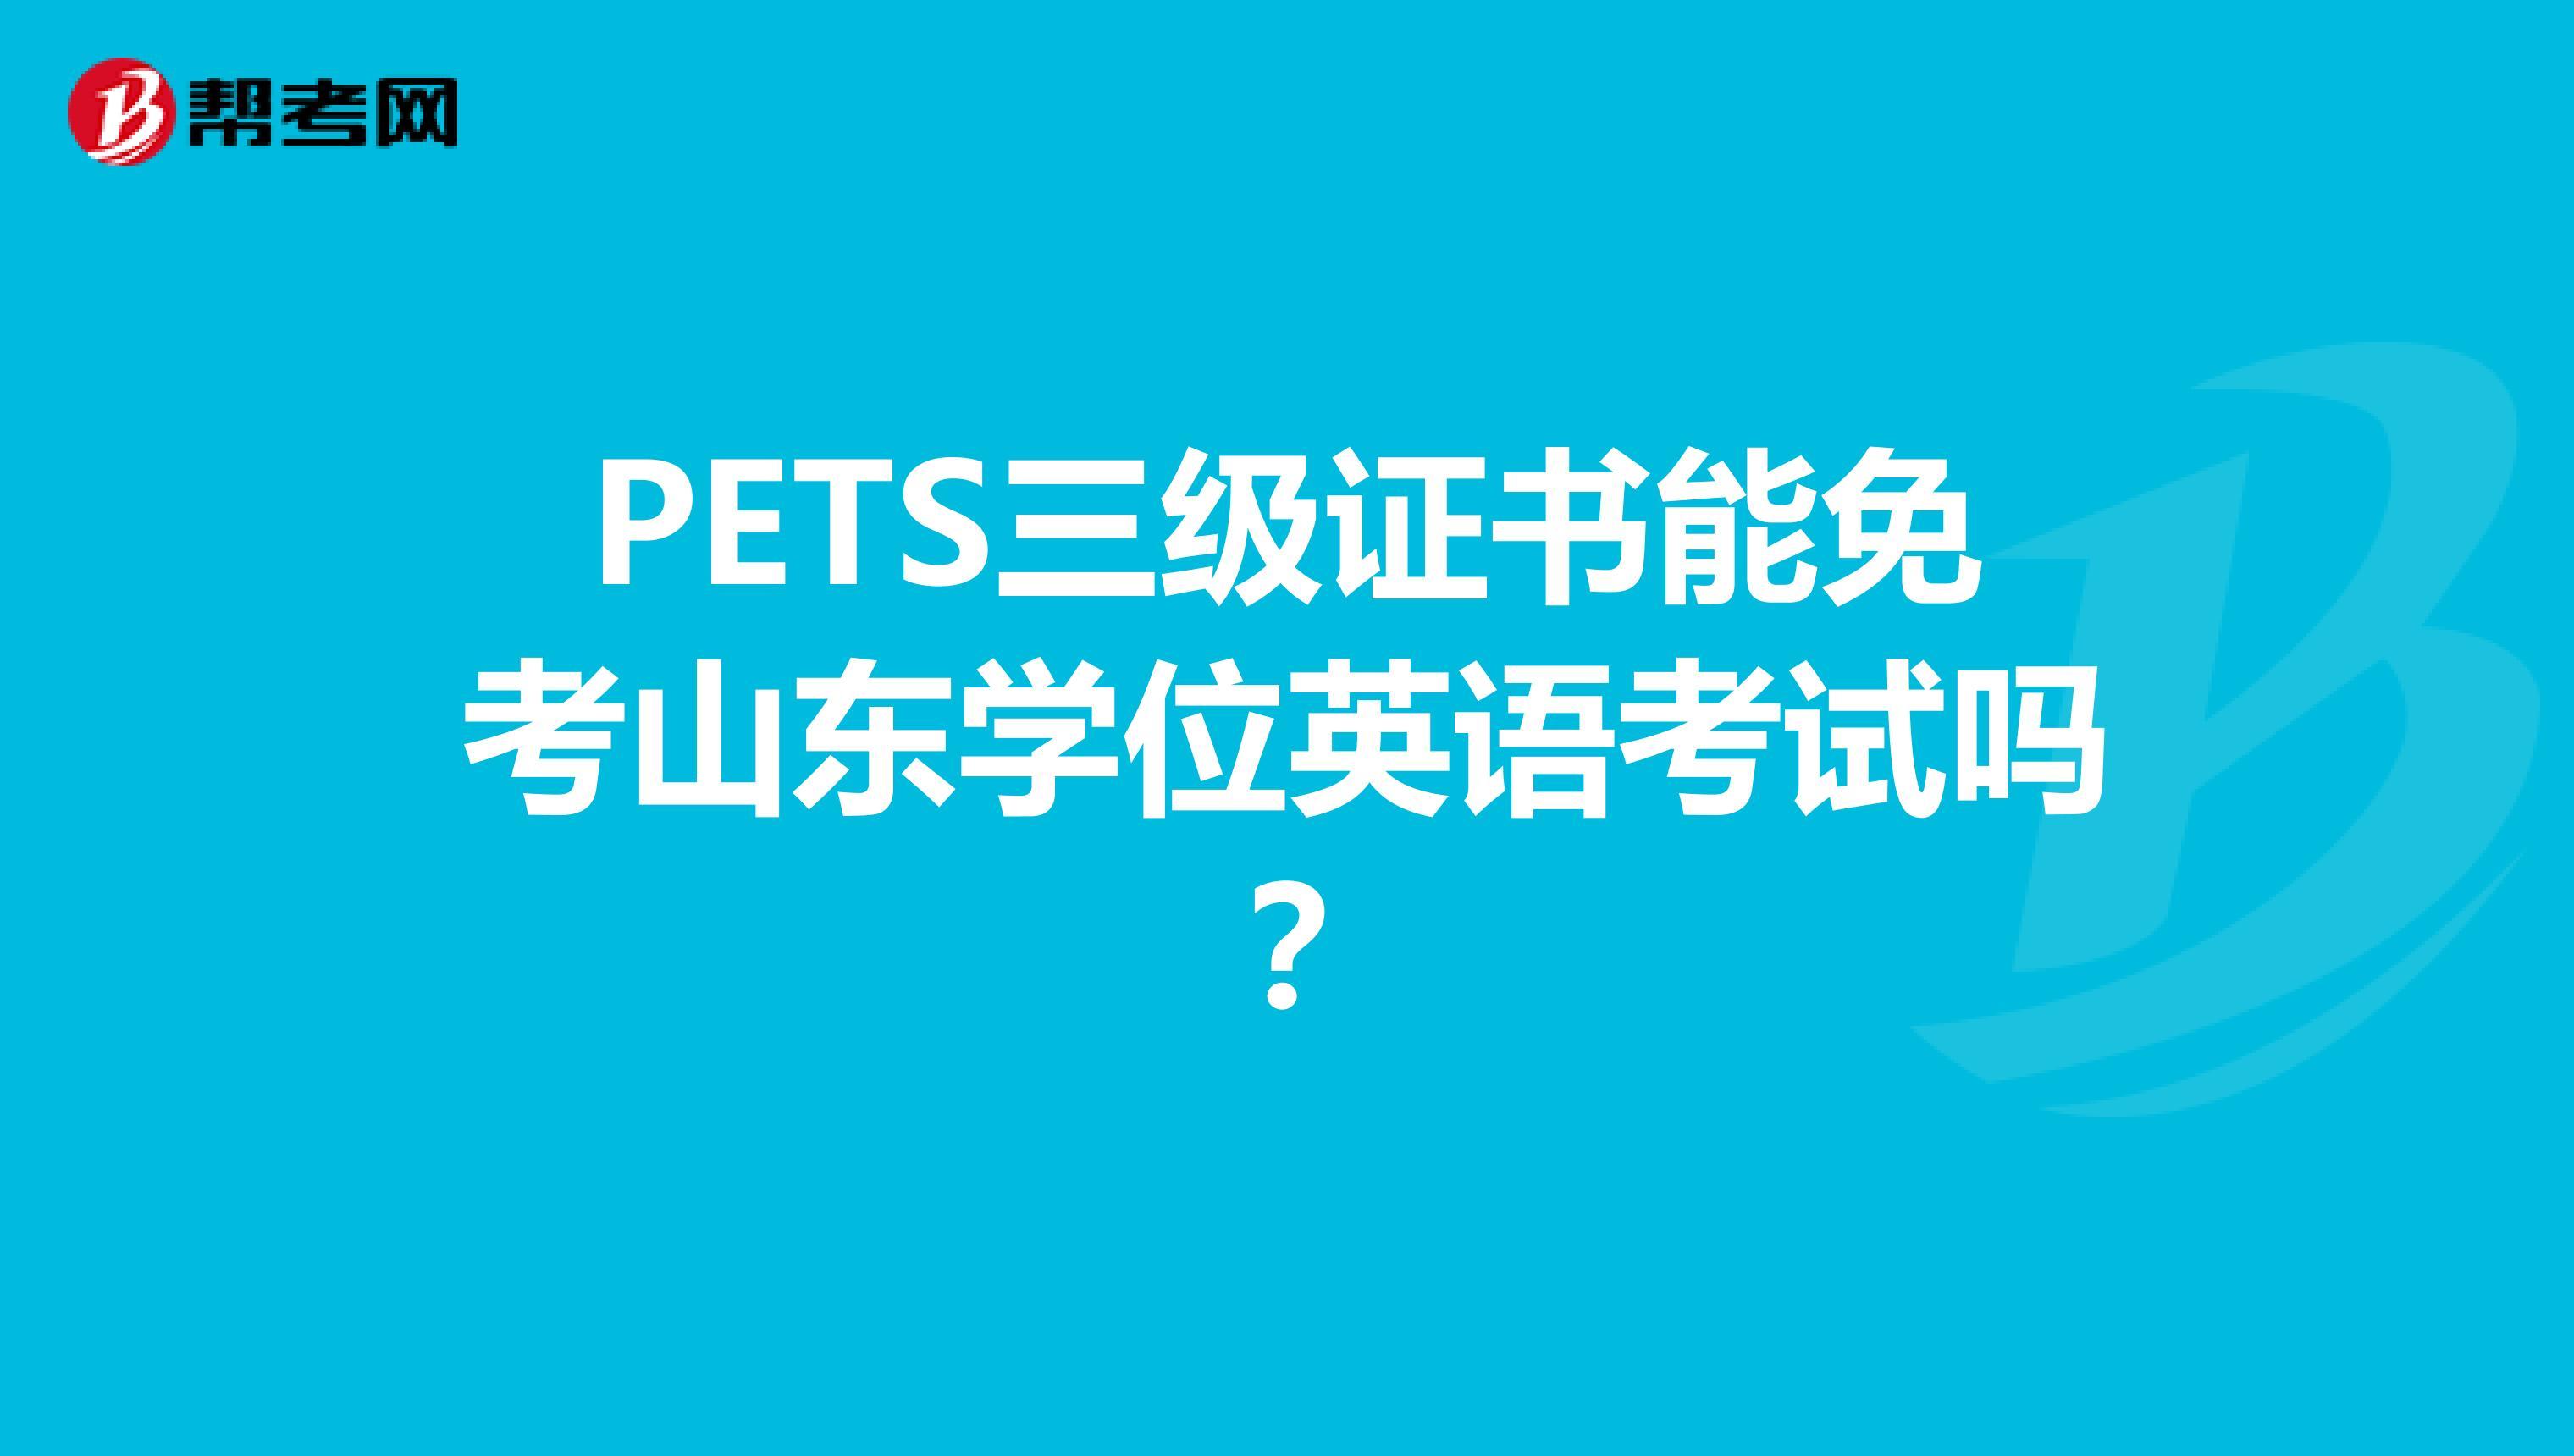 大学英语三级题_PETS三级证书能免考山东学位英语考试吗?_公共英语考试_帮考网